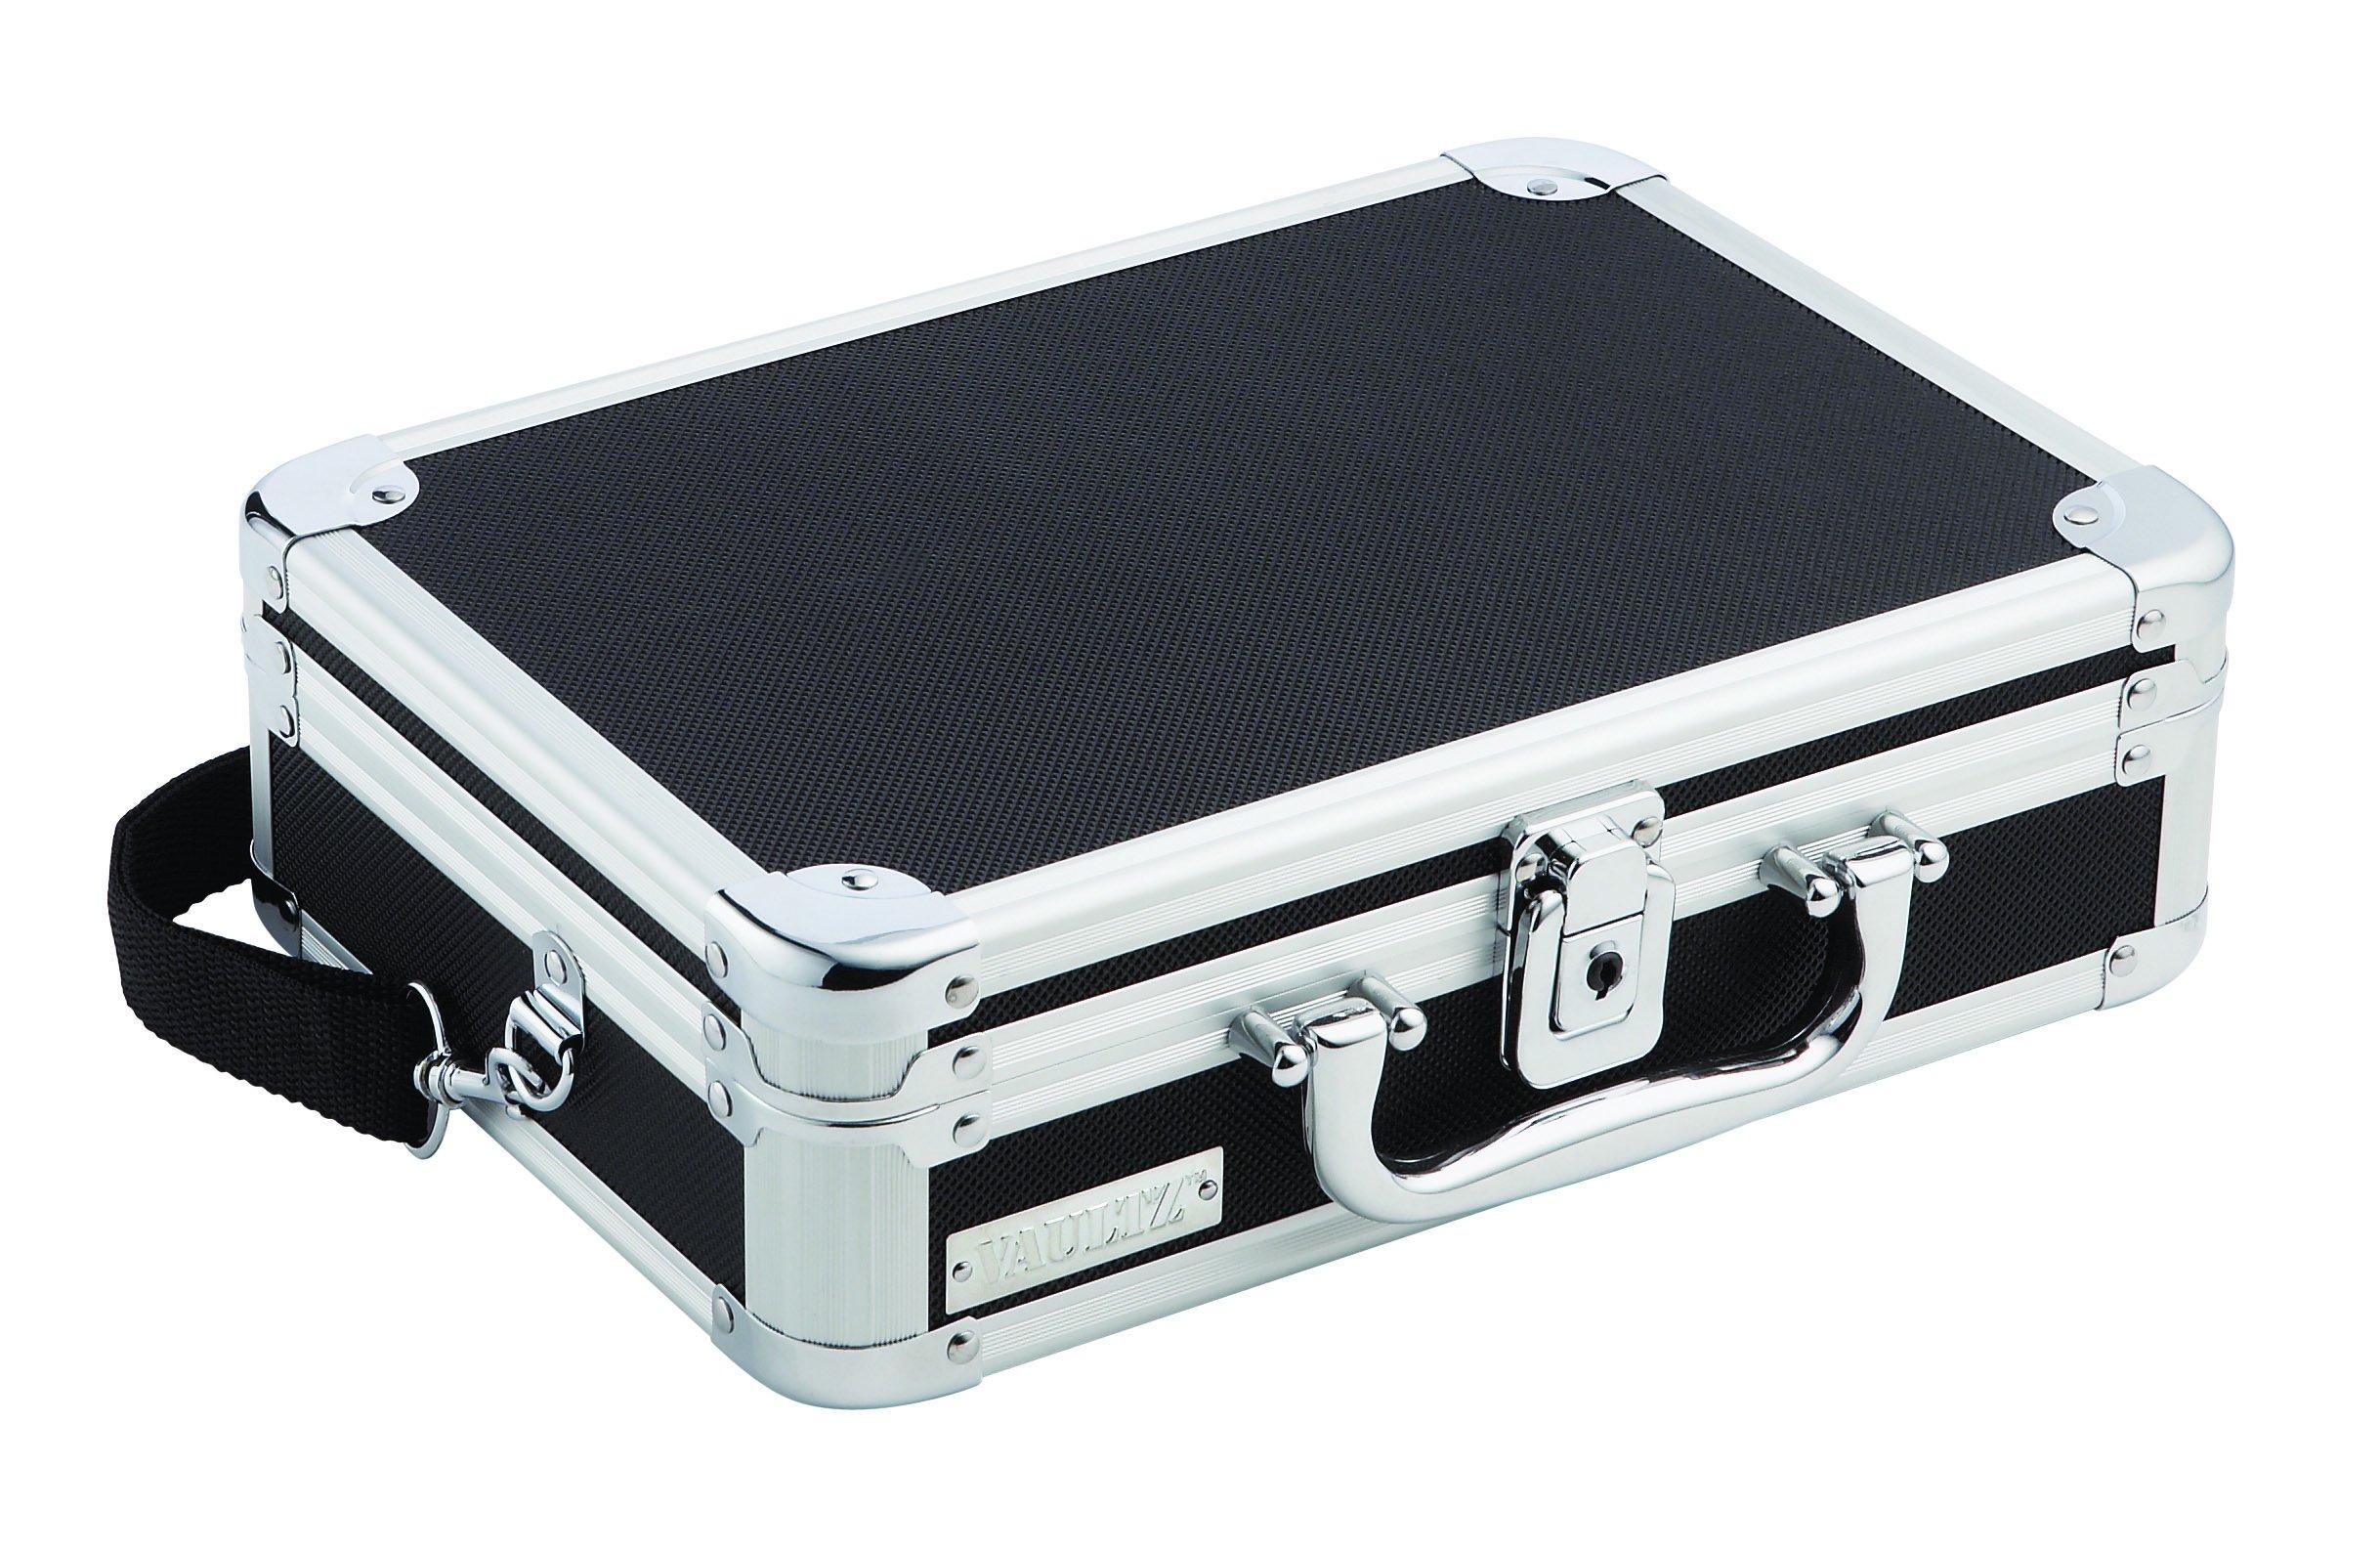 Vaultz Locking DVD Player Case 11.875 x 8.875 x 3.625 Inches, Black (VZ01264)